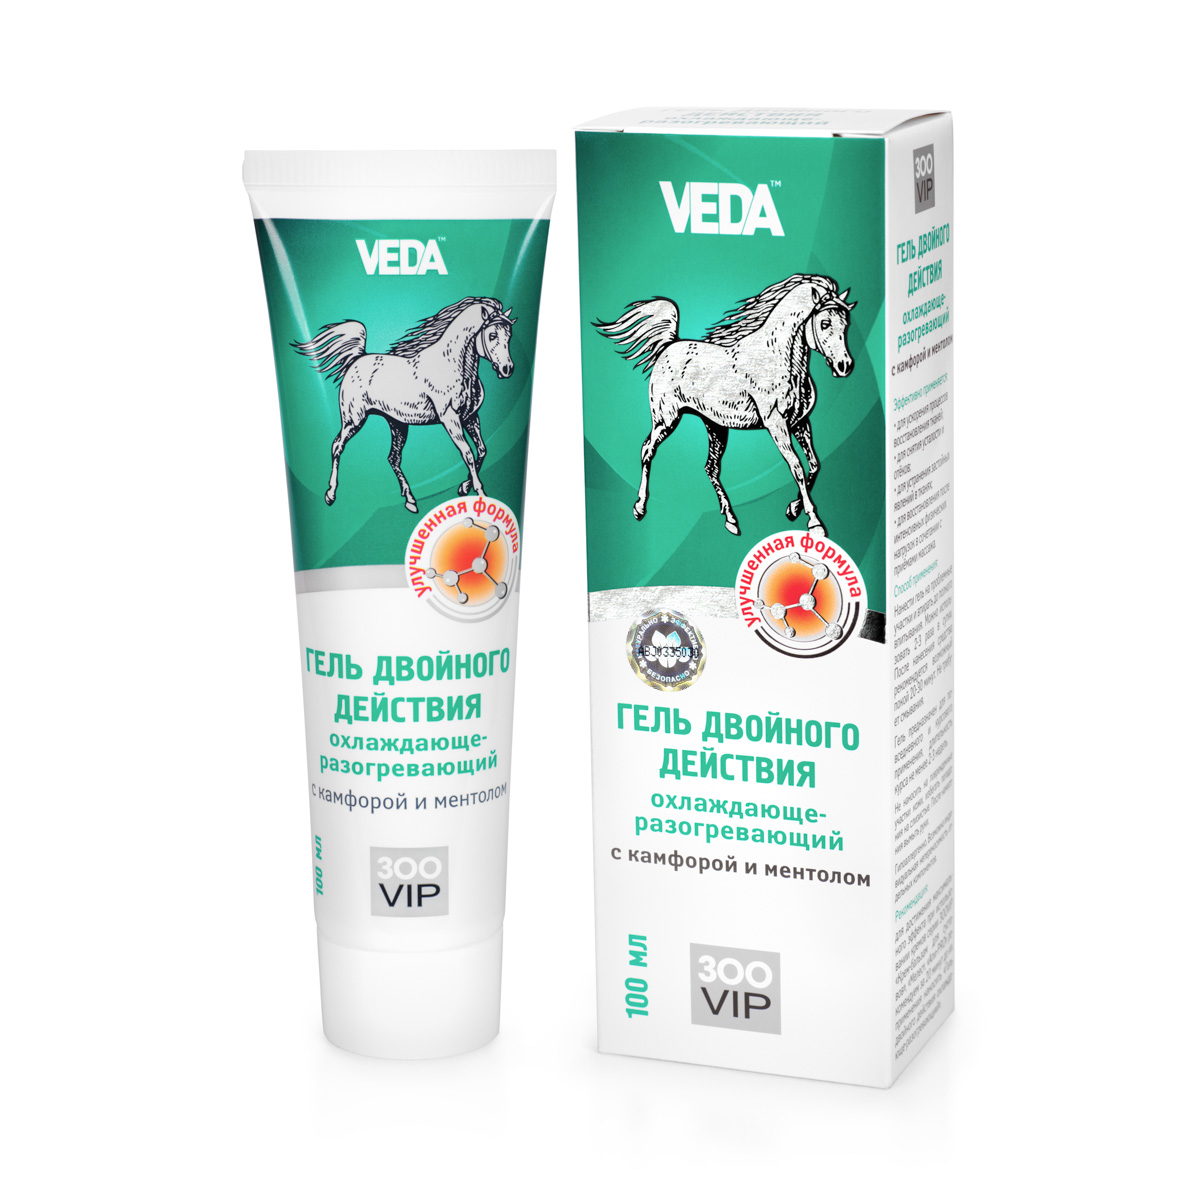 Гель двойного действия VEDA ЗооVip для лошадей, охлаждающе-разогревающий, с камфорой и ментолом, 100 мл4605543007170Гель для лошадей VEDA ЗооVip обладает уникальным двойным действием за счёт чередования процессов релаксации и тонизирования, которые активизируются специализированными природными комплексами:- охлаждающий комплекс эфирного масла эвкалипта и ментола оказывает успокаивающее действие, снимает перенапряжение и отёчность,- разогревающий комплекс жгучего перца и камфоры активизирует микроциркуляцию, оказывает дренажный эффект, устраняя застойные явления,- фитокомплекс и эфирные масла облегчают негативные ощущения при закрытых микротравмах, стимулируя обменные процессы в тканях.Состав: вода очищенная; натуральный ментол; глицерин; камфора; флокаре ЕТ58; фитокомплекс: побегов багульника болотного, корней окопника, листьев березы, плодов красного перца, прополиса; гвоздики масло эфирное; эвкалипта масло эфирное; эфир ванилина; консервант; ПЭГ-40 гидрогенизированное касторовое масло; красители пищевые.Товар сертифицирован.